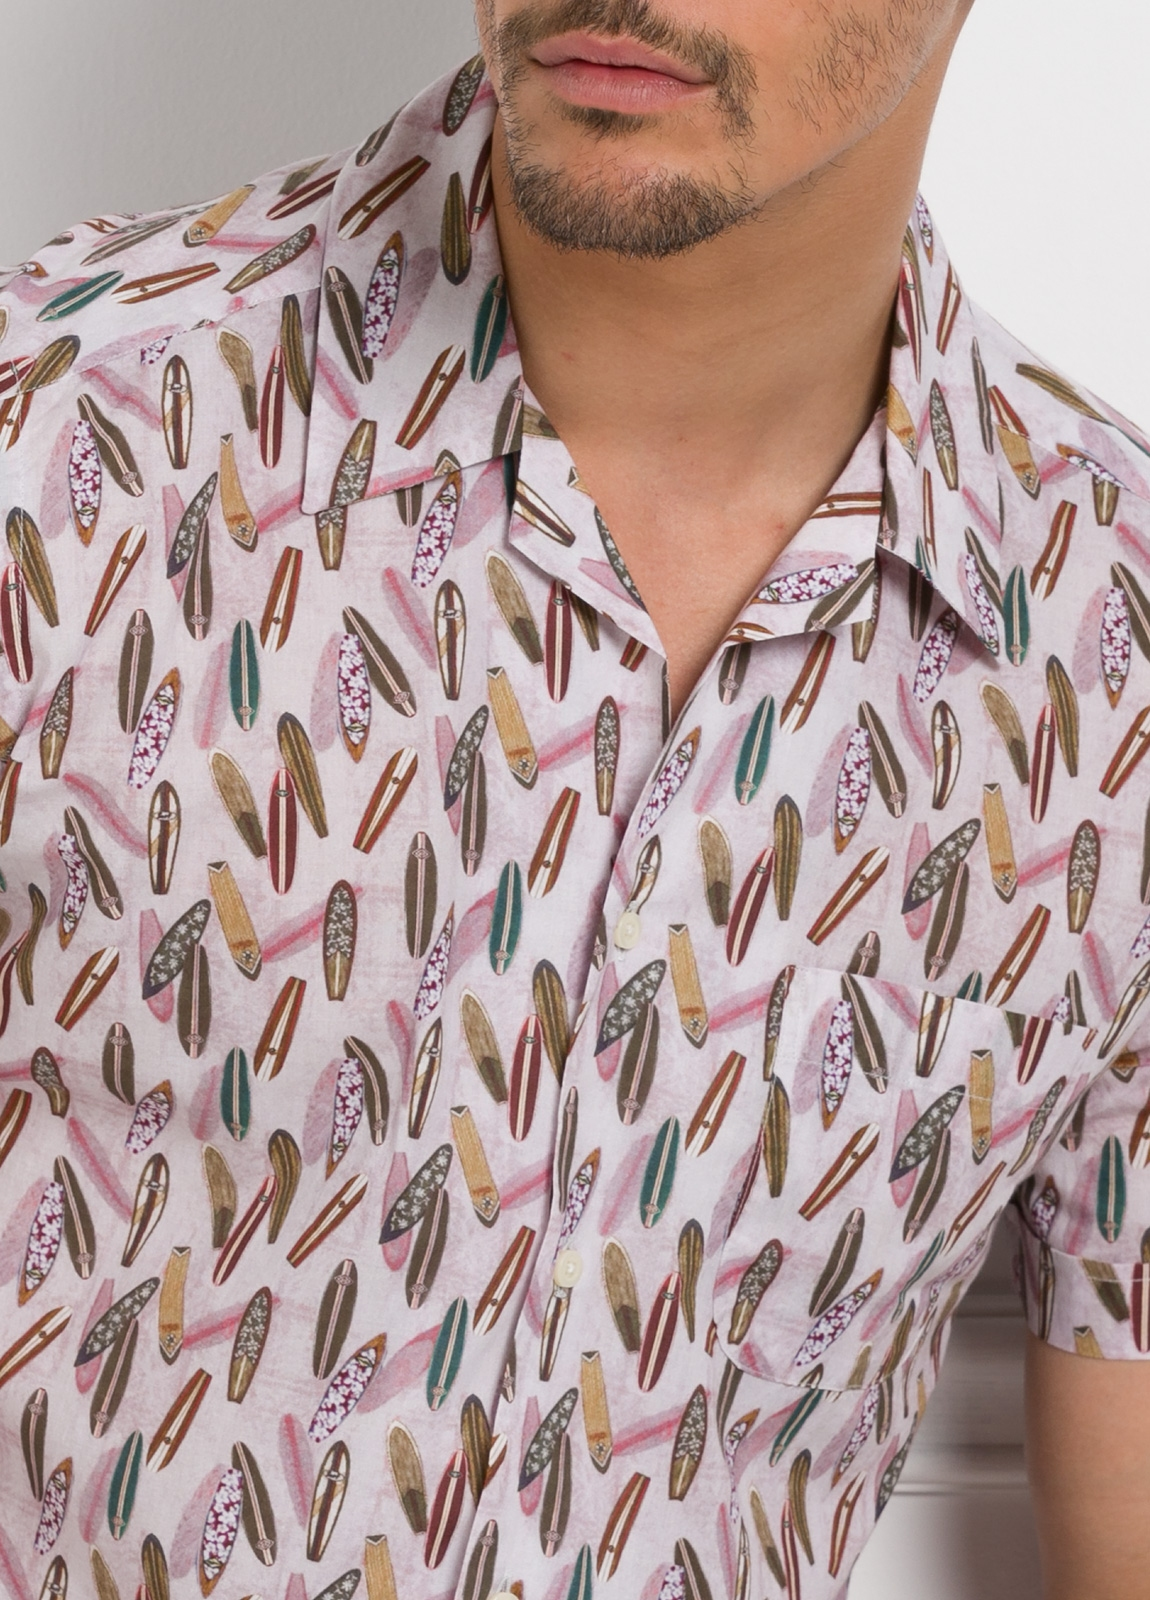 Camisa Leisure Wear modelo HAWAI estampado fantasía.100% Algodón. - Ítem1